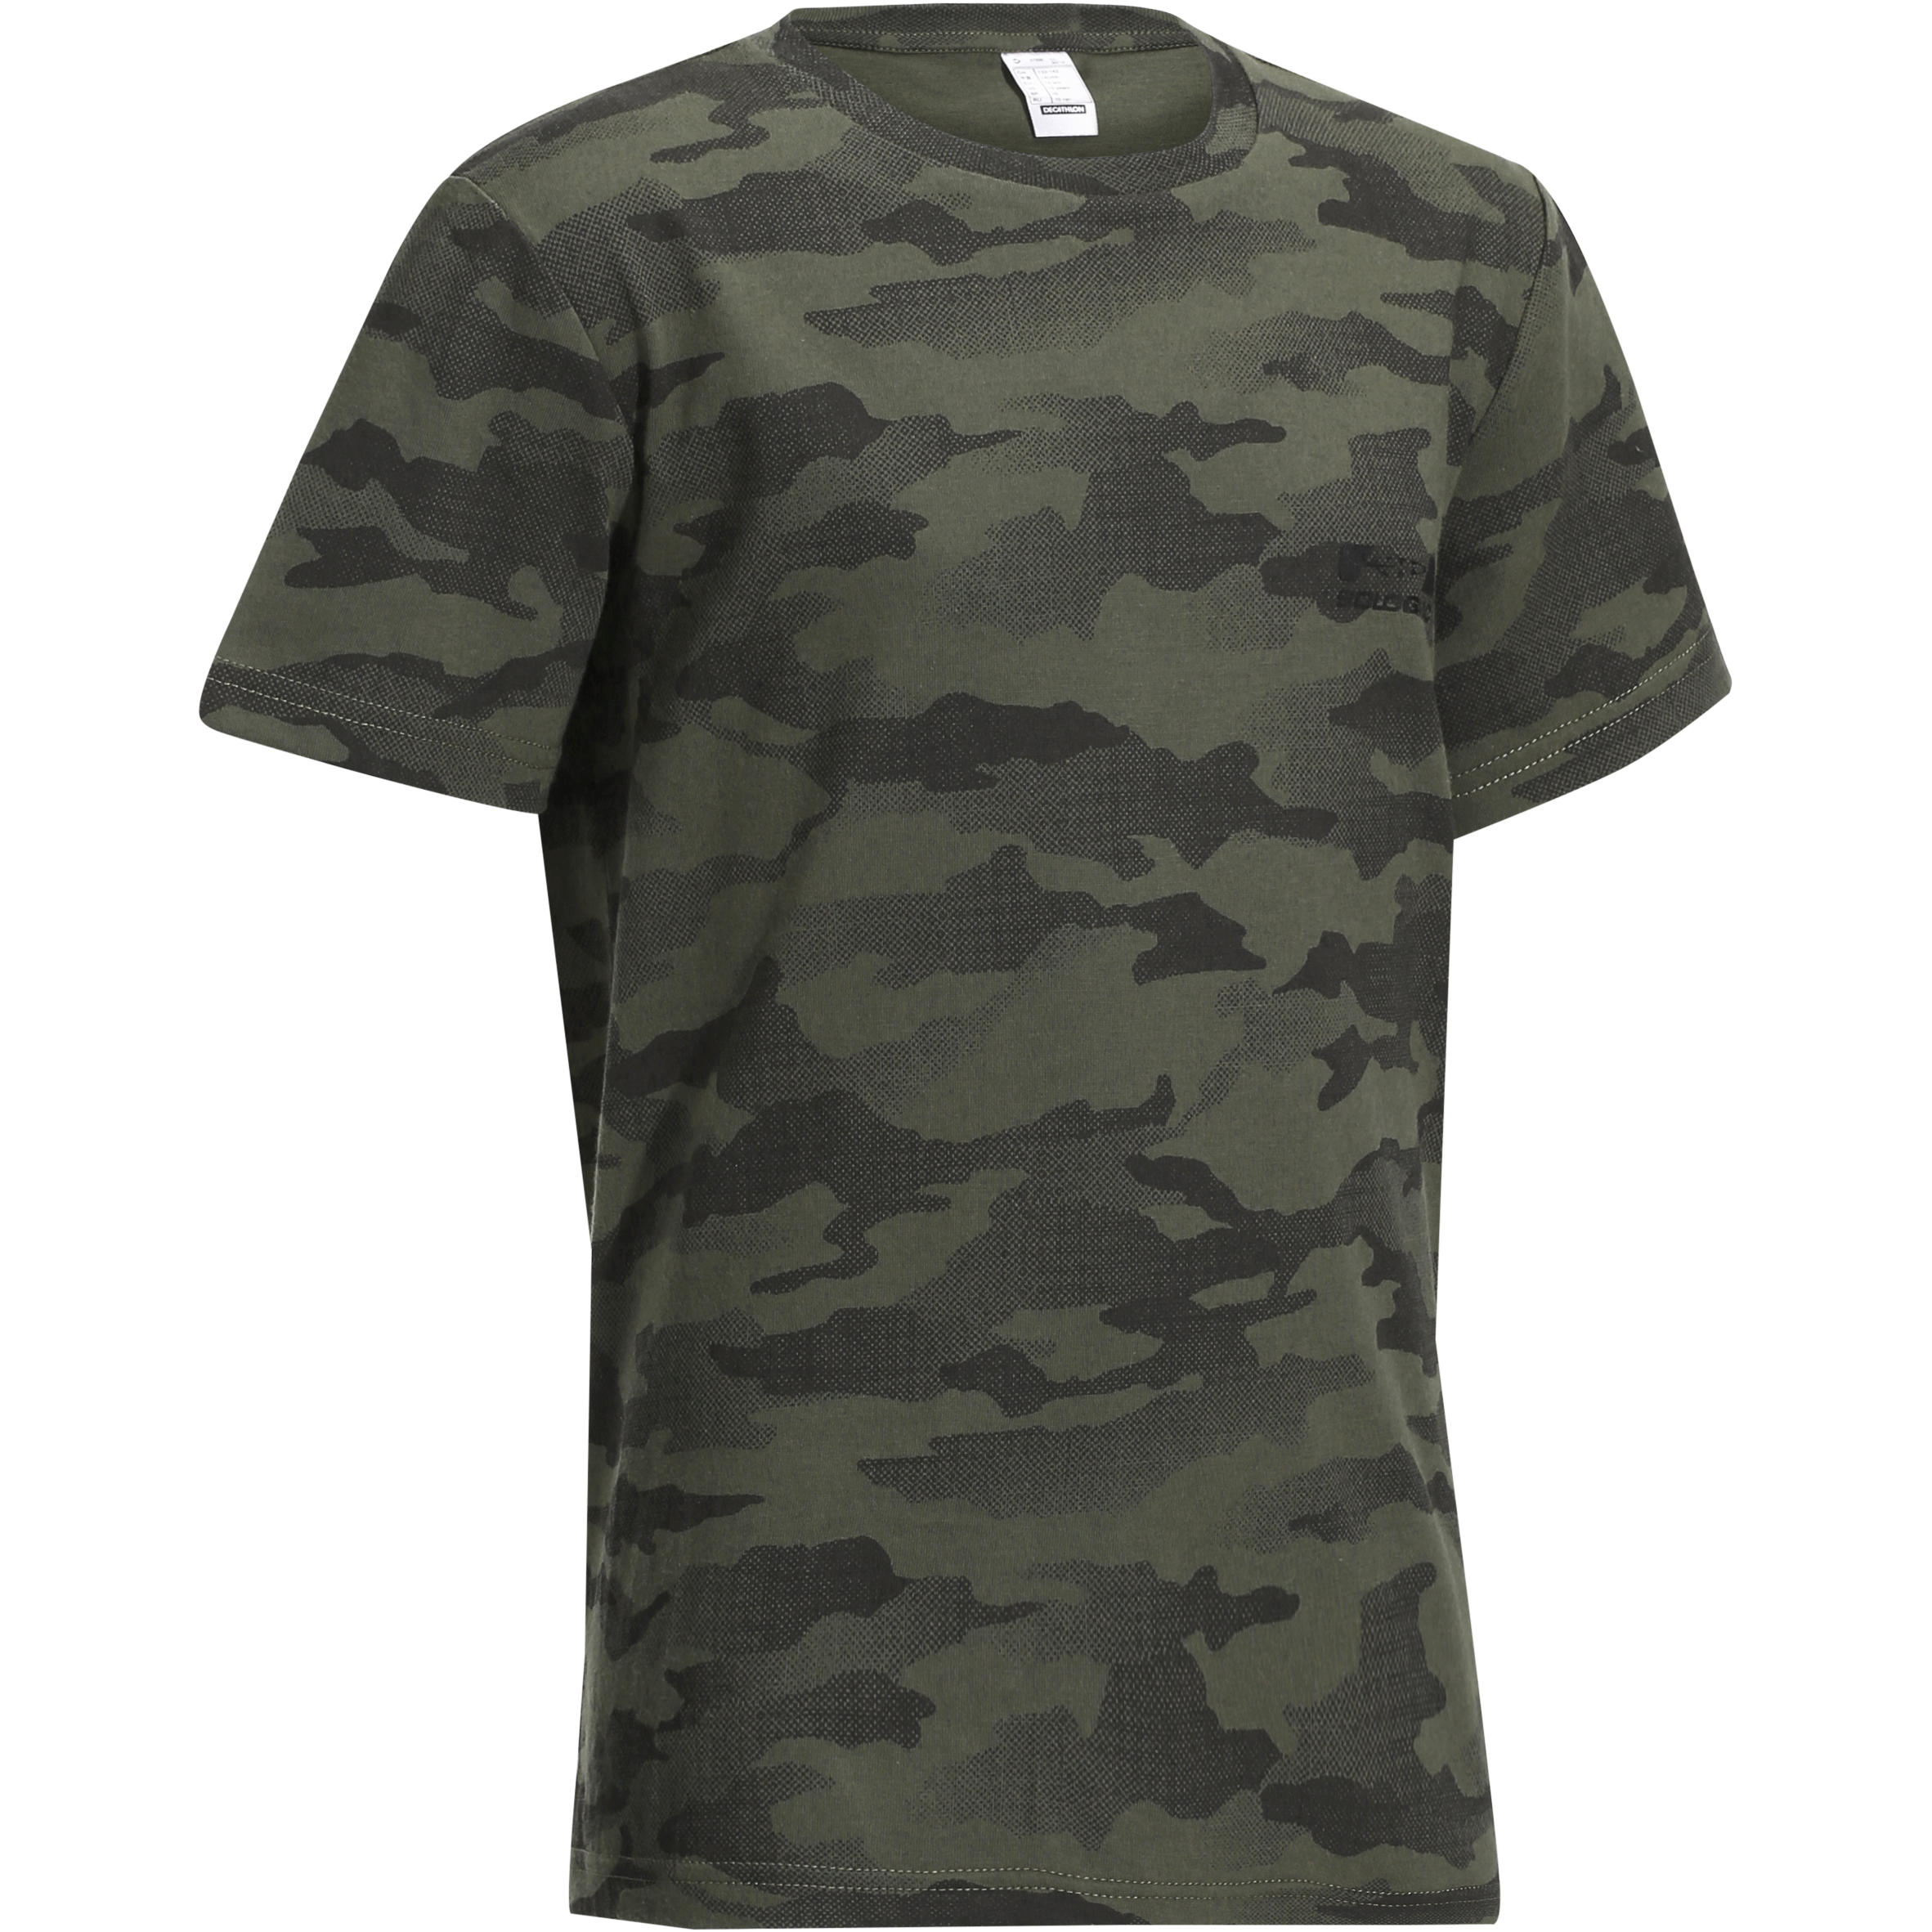 Solognac Kinder T-shirt 100 voor de jacht Island